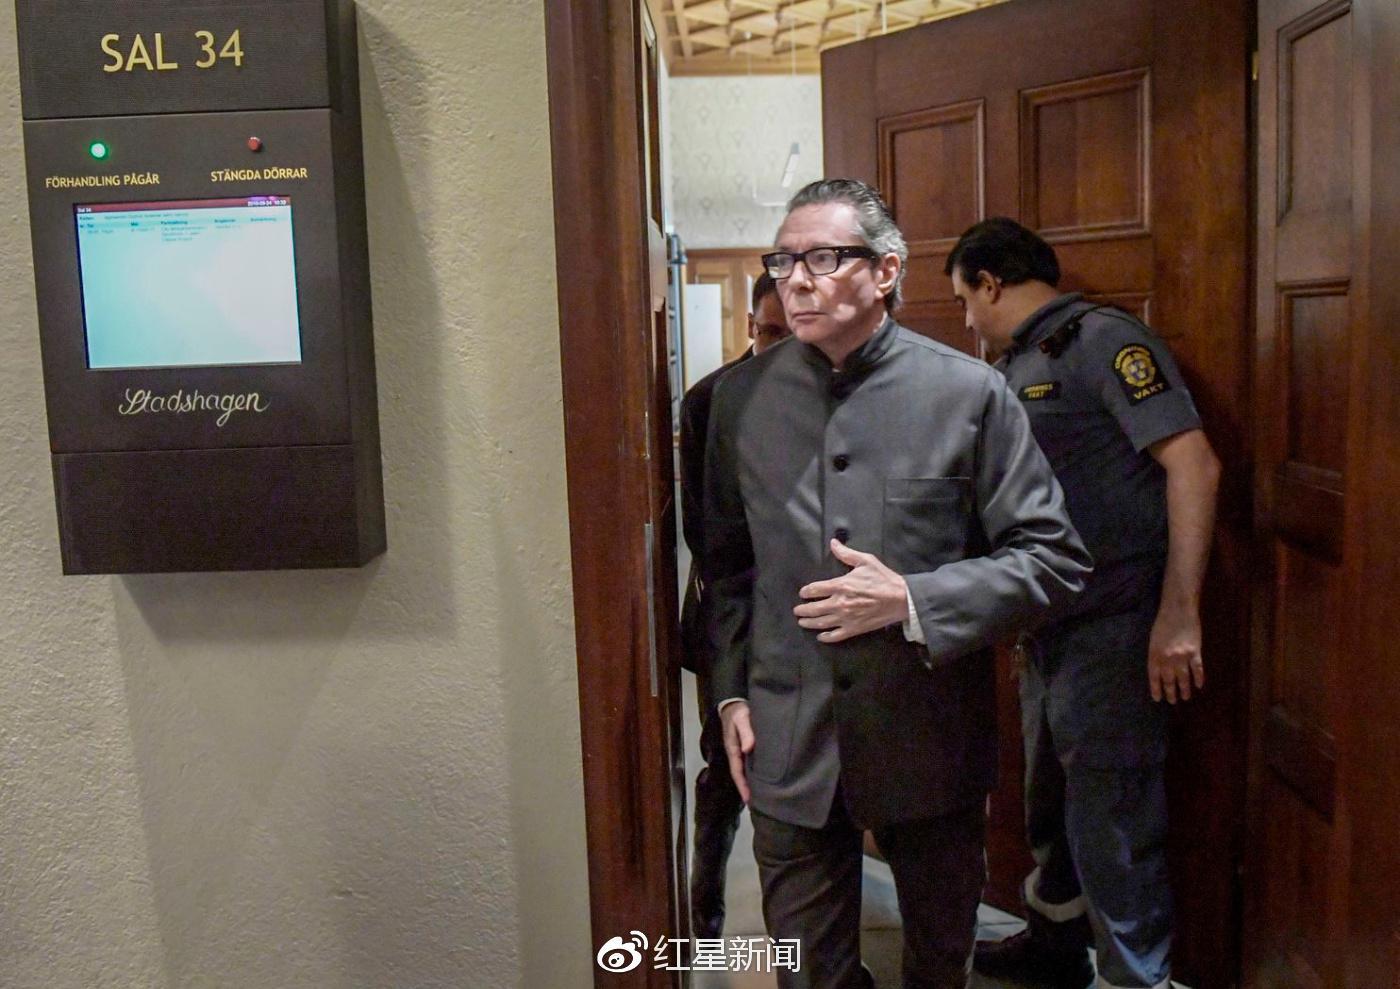 诺贝尔奖性丑闻主角被18名女子指控:检方建议判3年